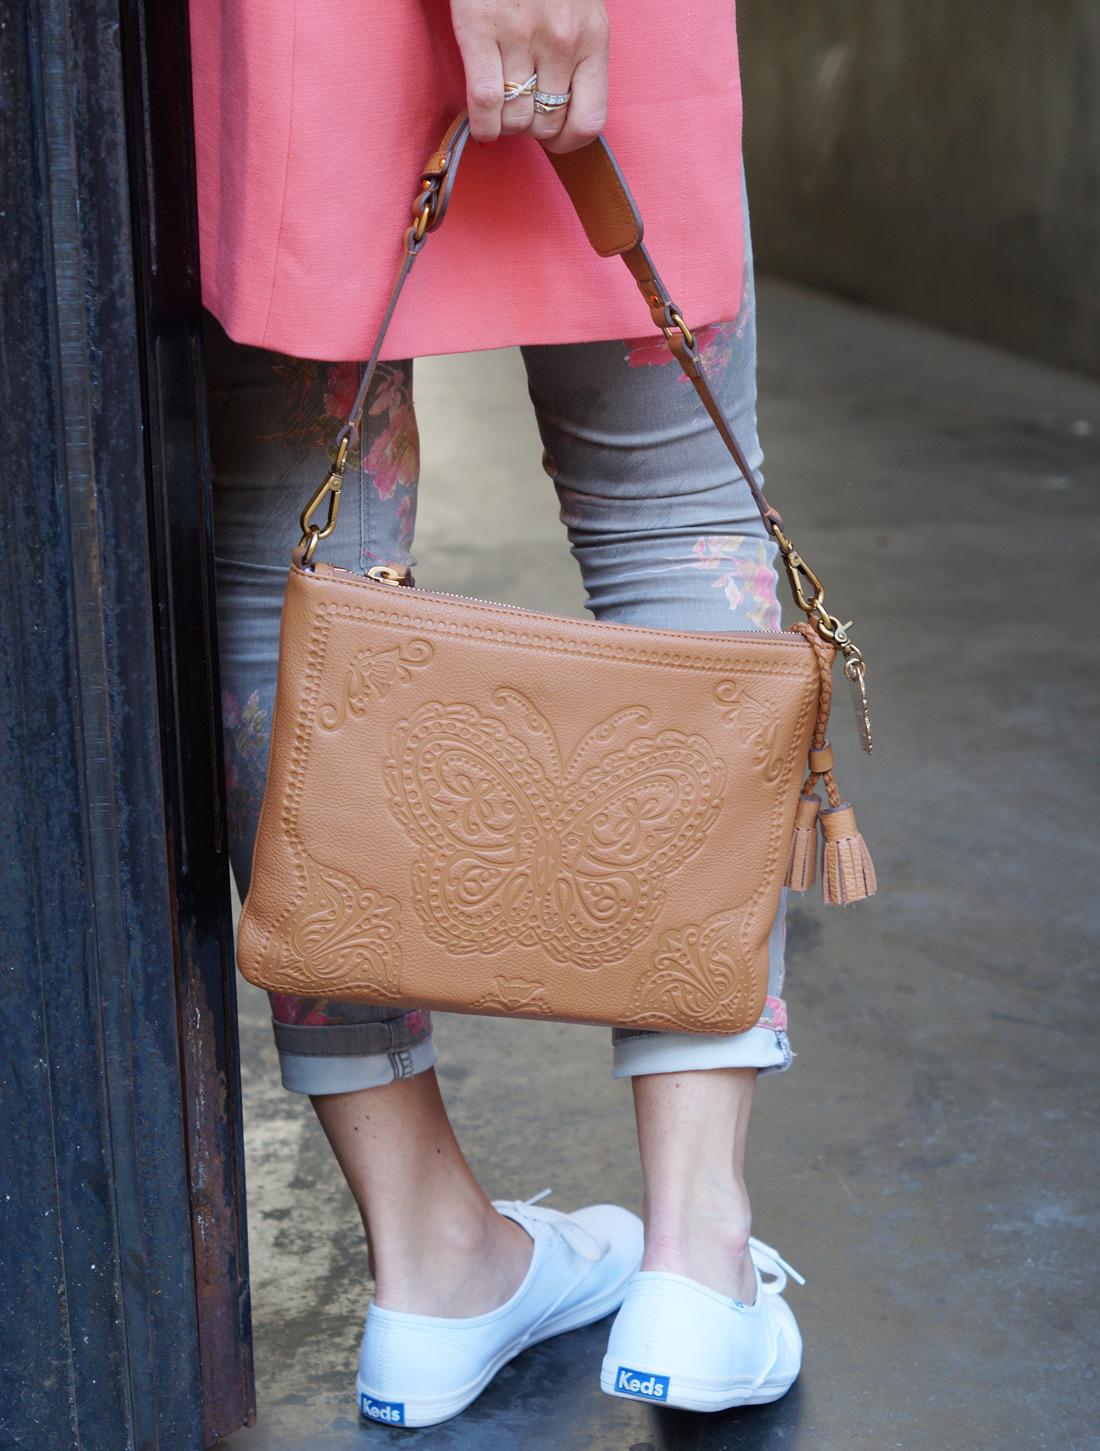 Bag-at-you---Leontine-Hagoort-Bag---Keds-Sneakers